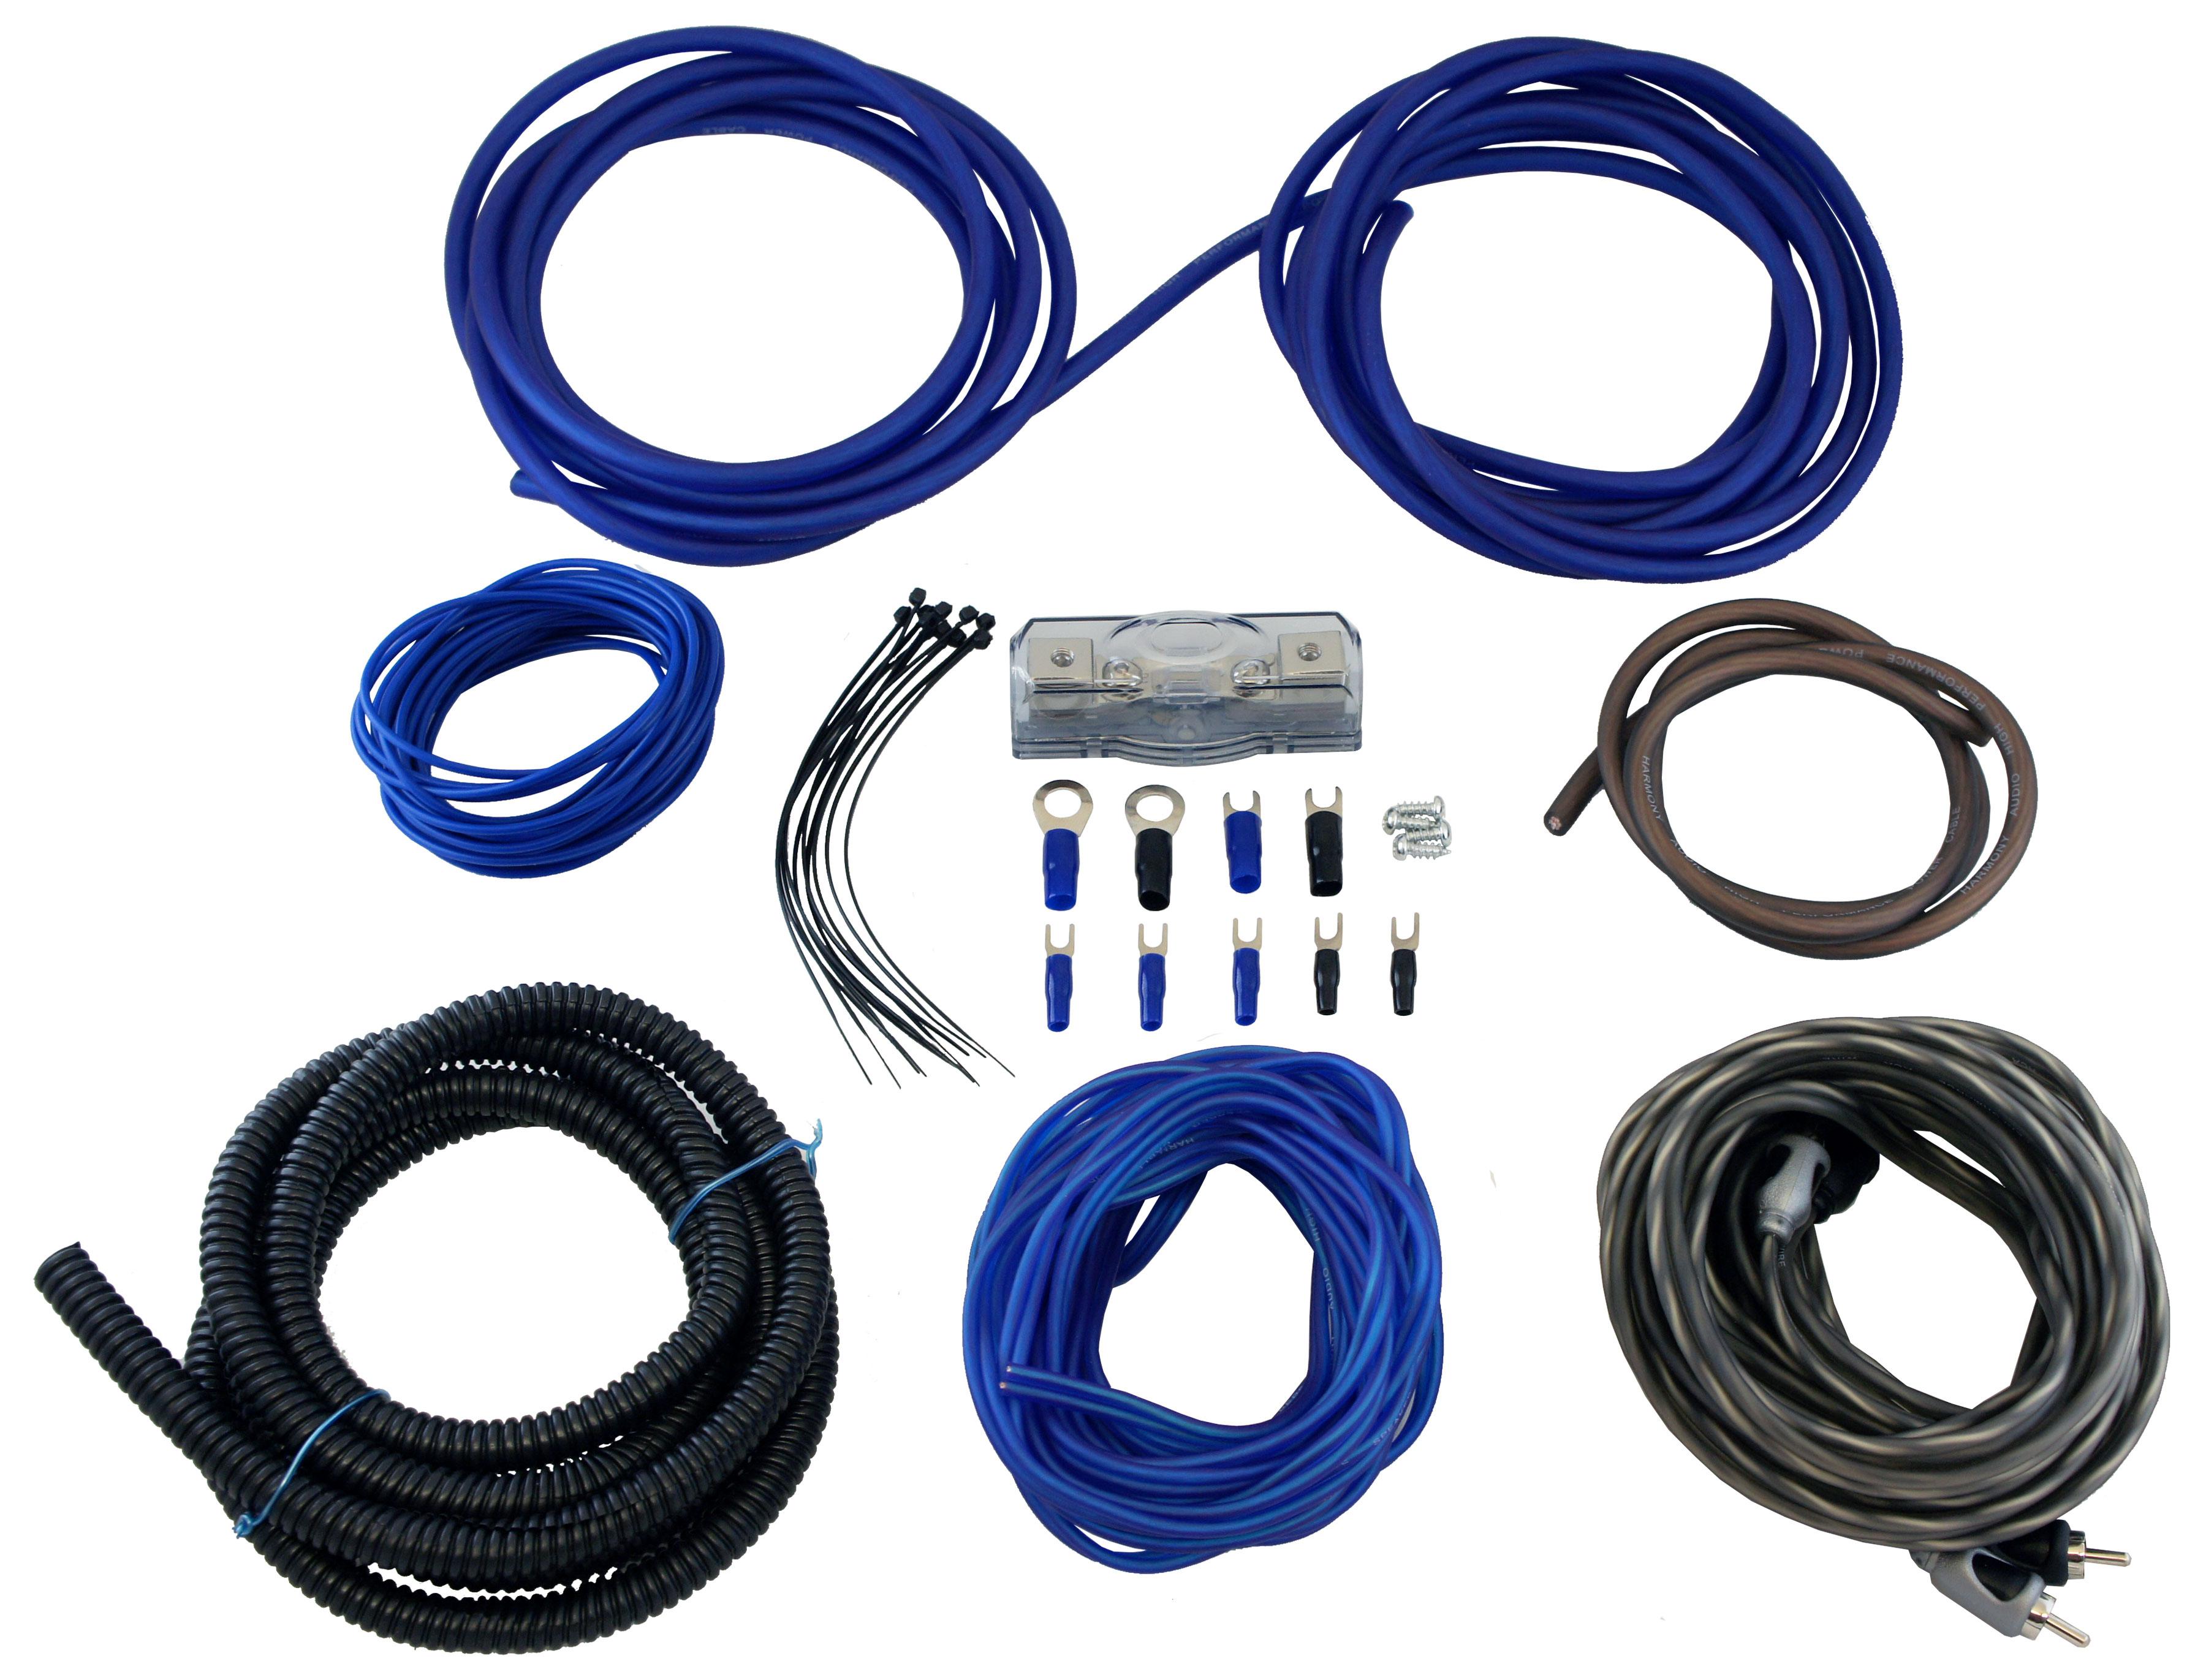 Fits Acura Integra 86 01 Harmony Single 12 Loaded Sub Box Enclosure Cxa400 1 Harmony Rs12 Pack3